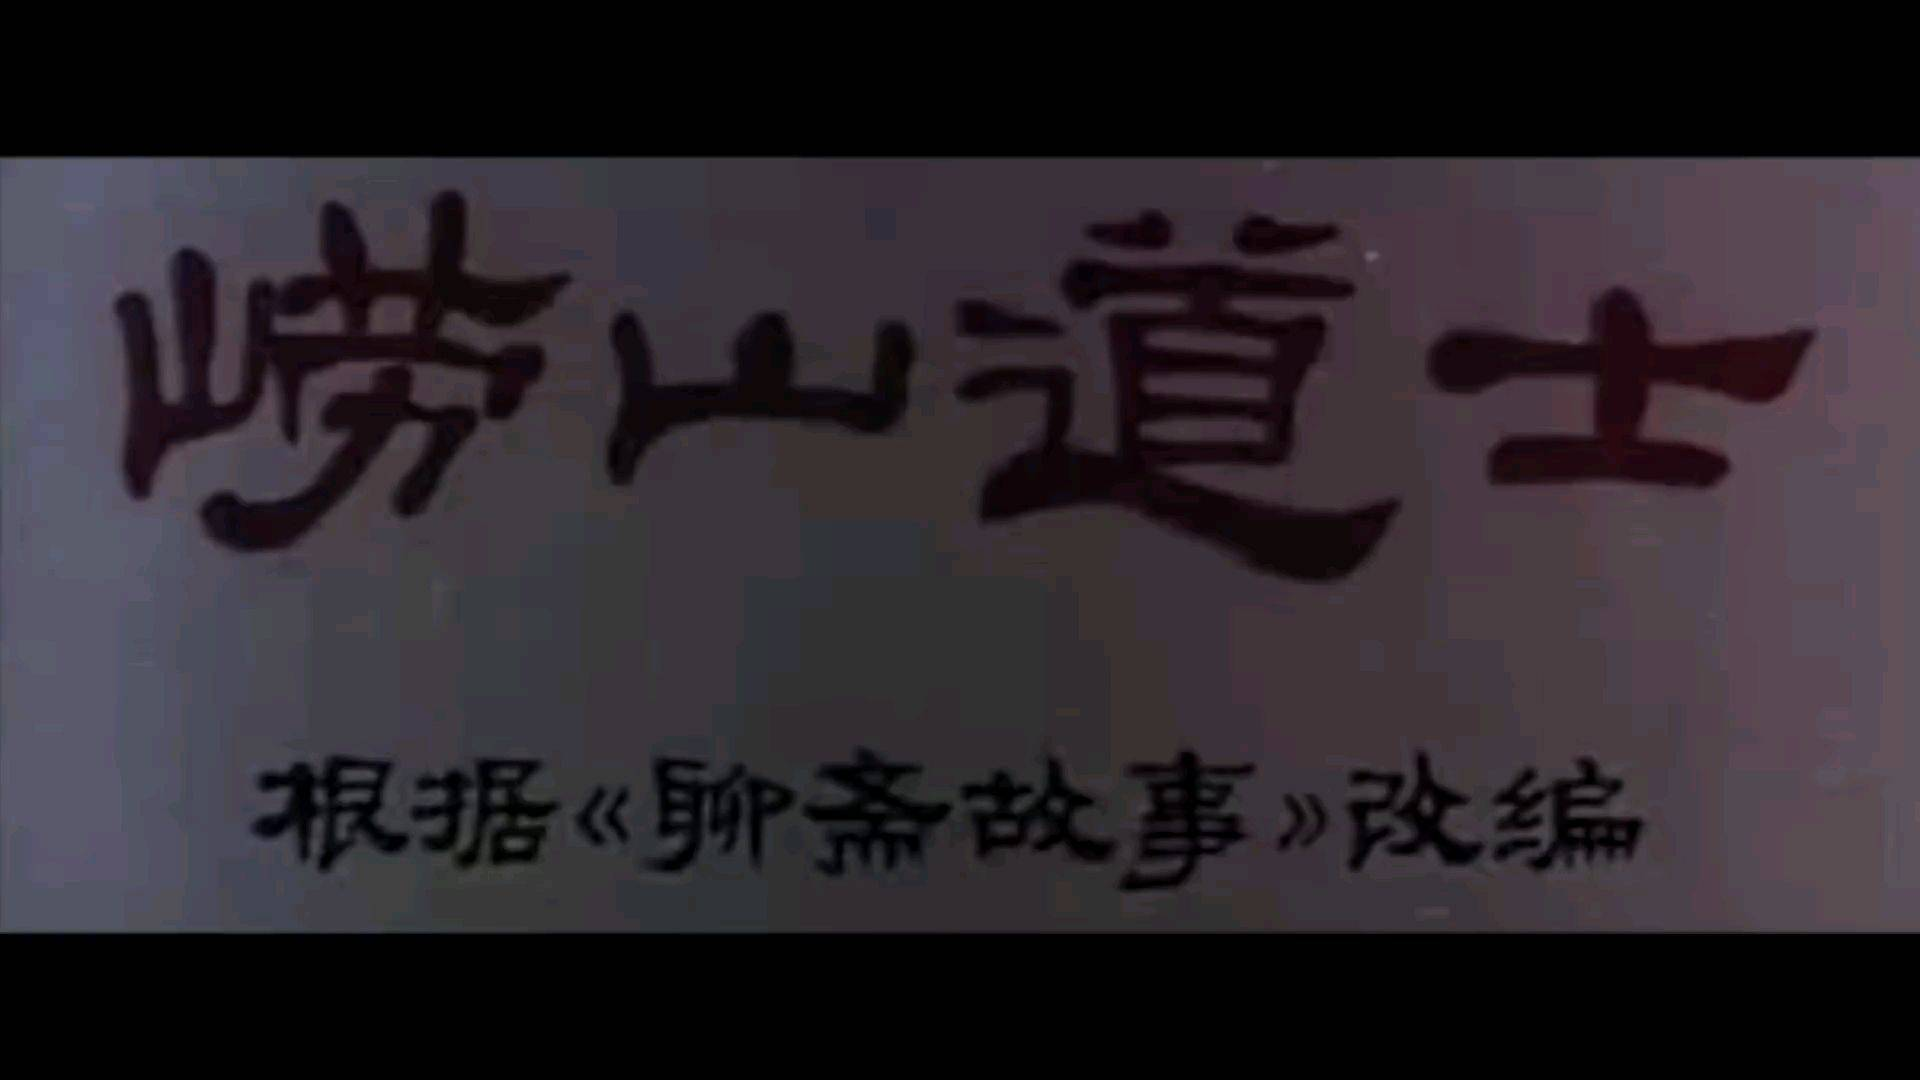 马思唯 - 崂山道士 高清MV